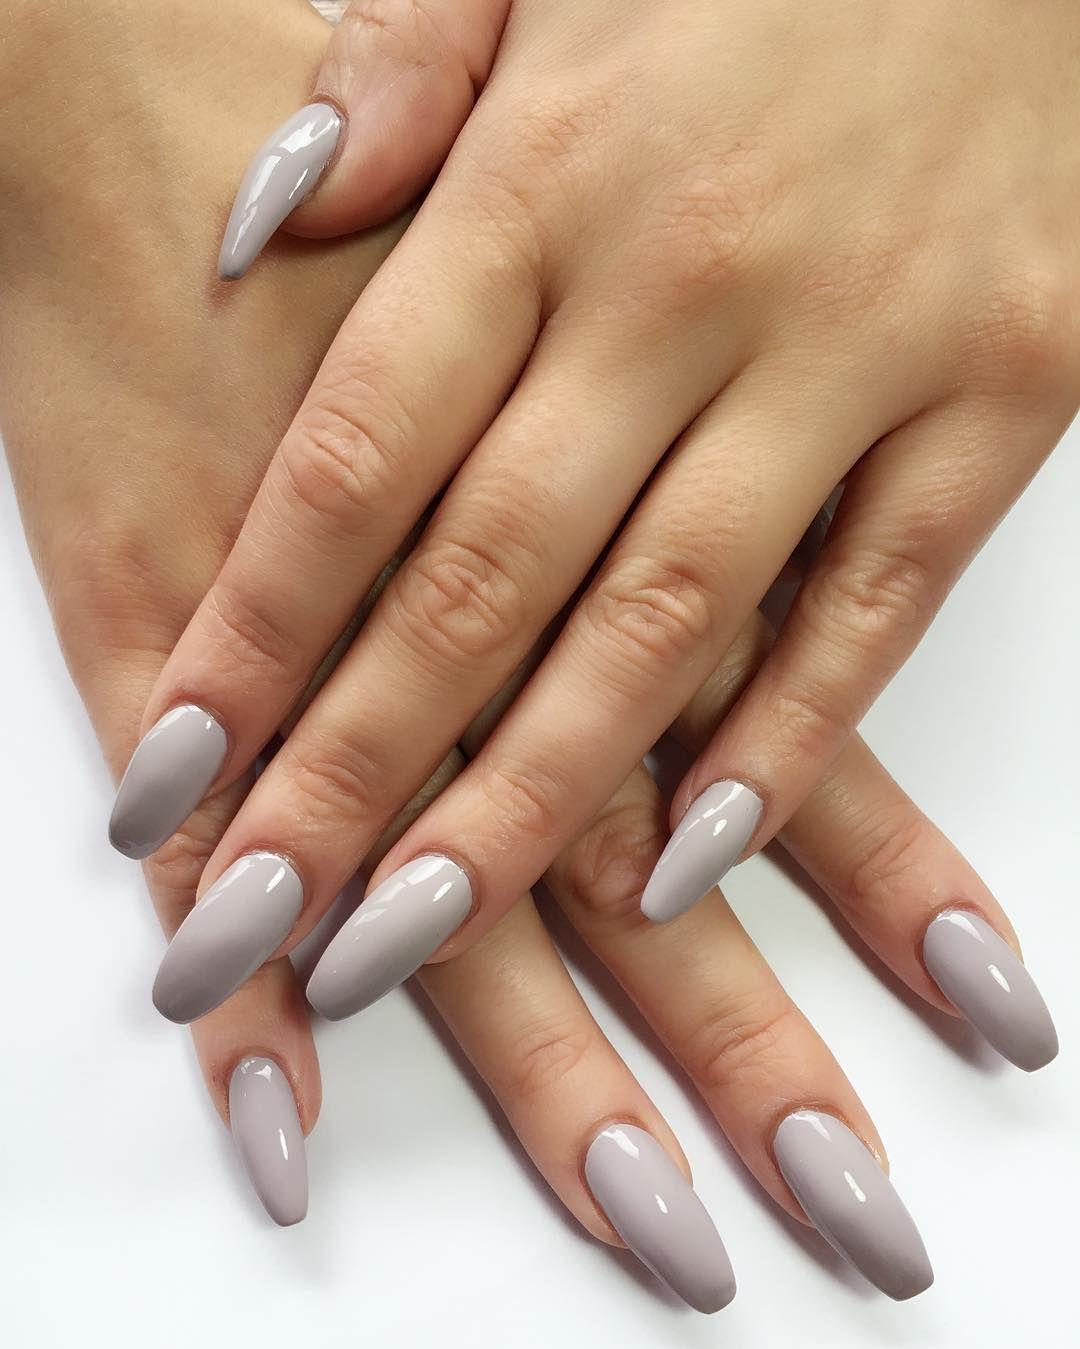 SOFT GREY Acrylic Nail Extensions #nailedit #nail #nails #nailsinc #nailart #acrylicdip # ...